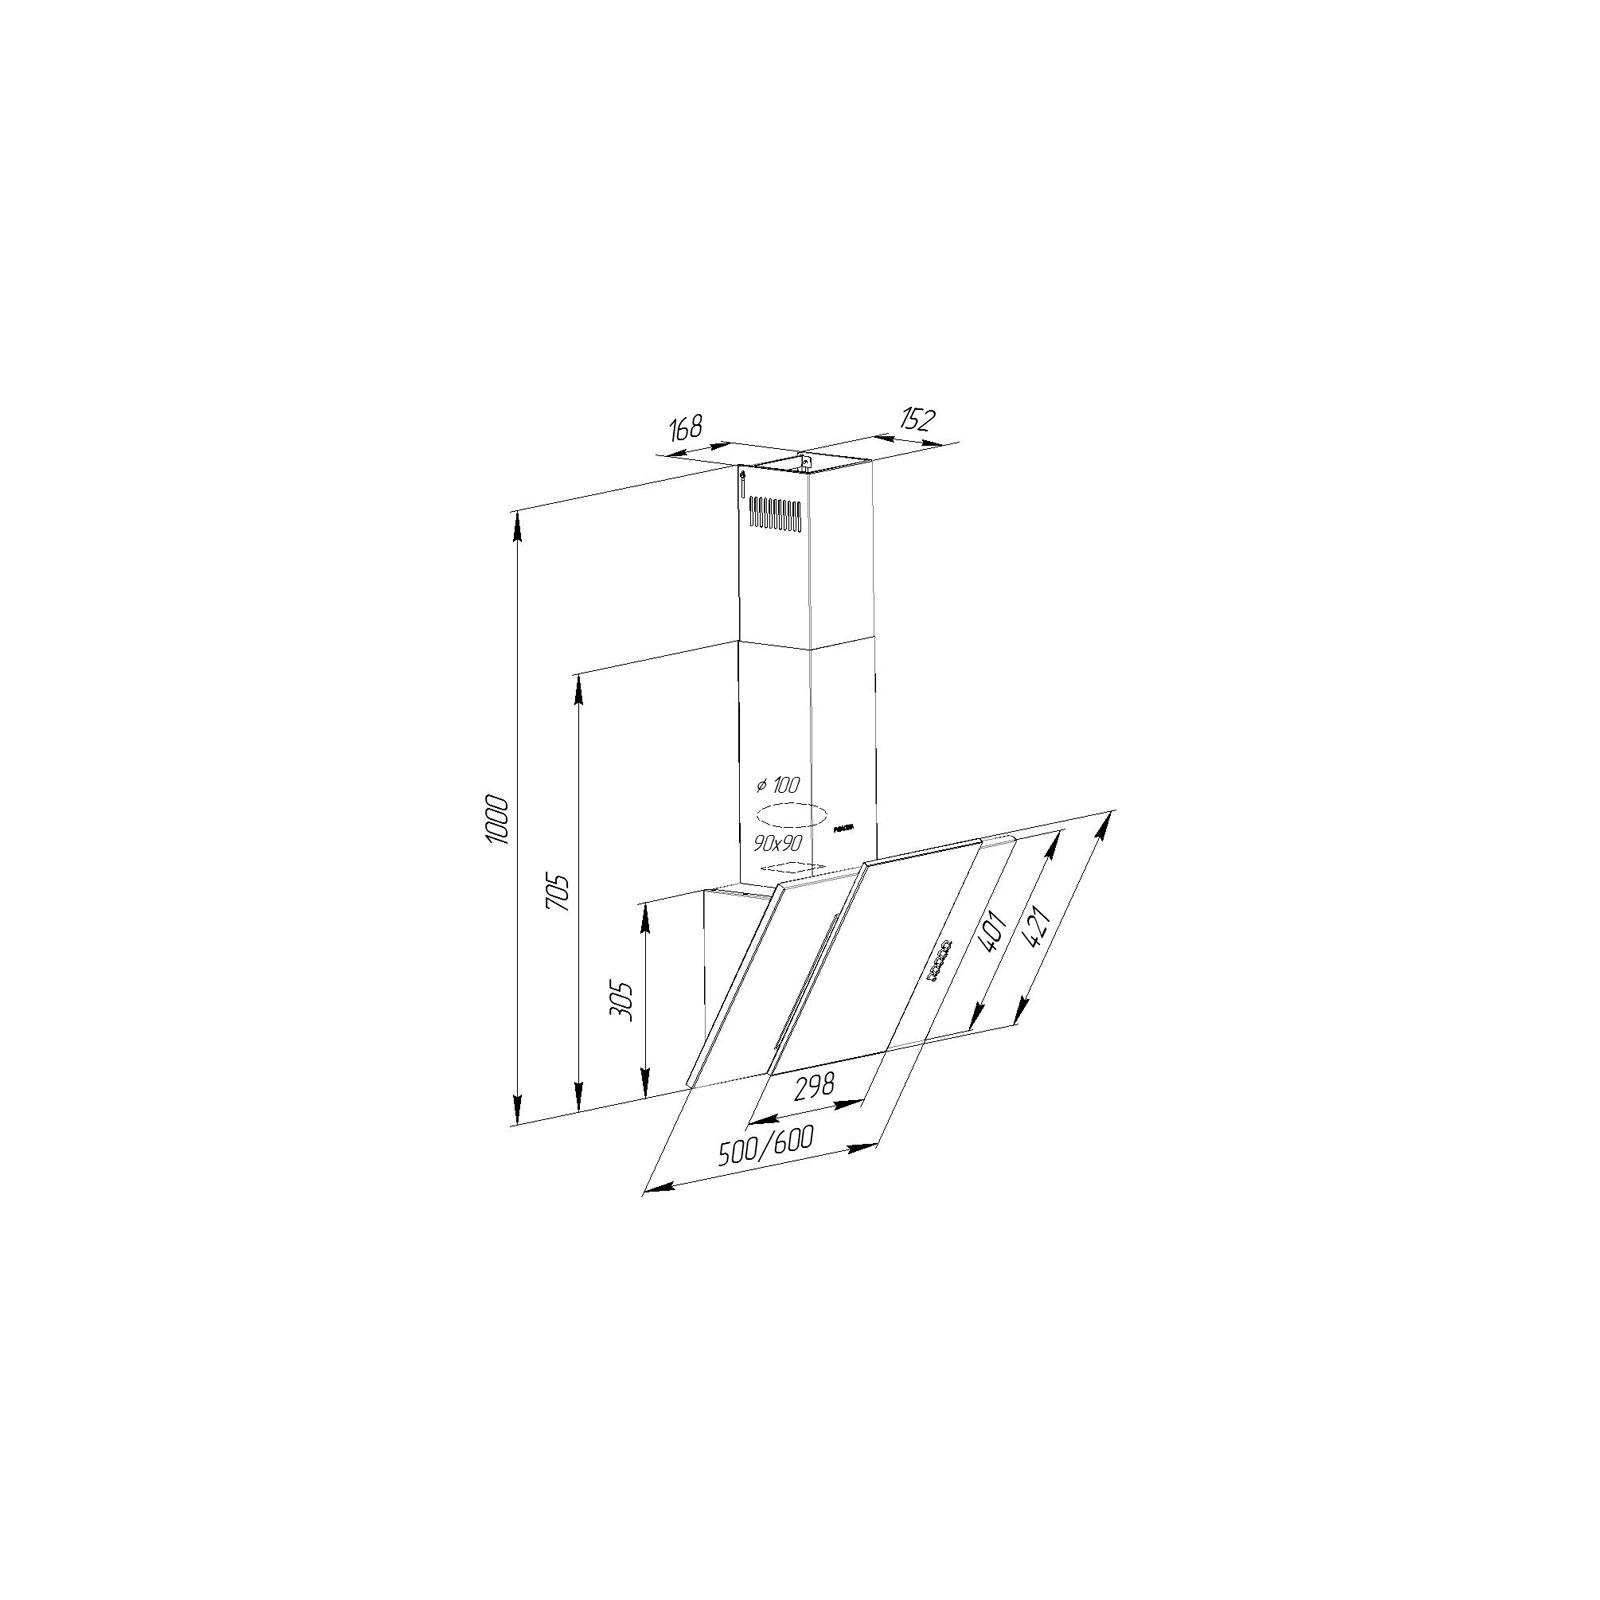 Вытяжка кухонная Pyramida KZ 60 BL изображение 10